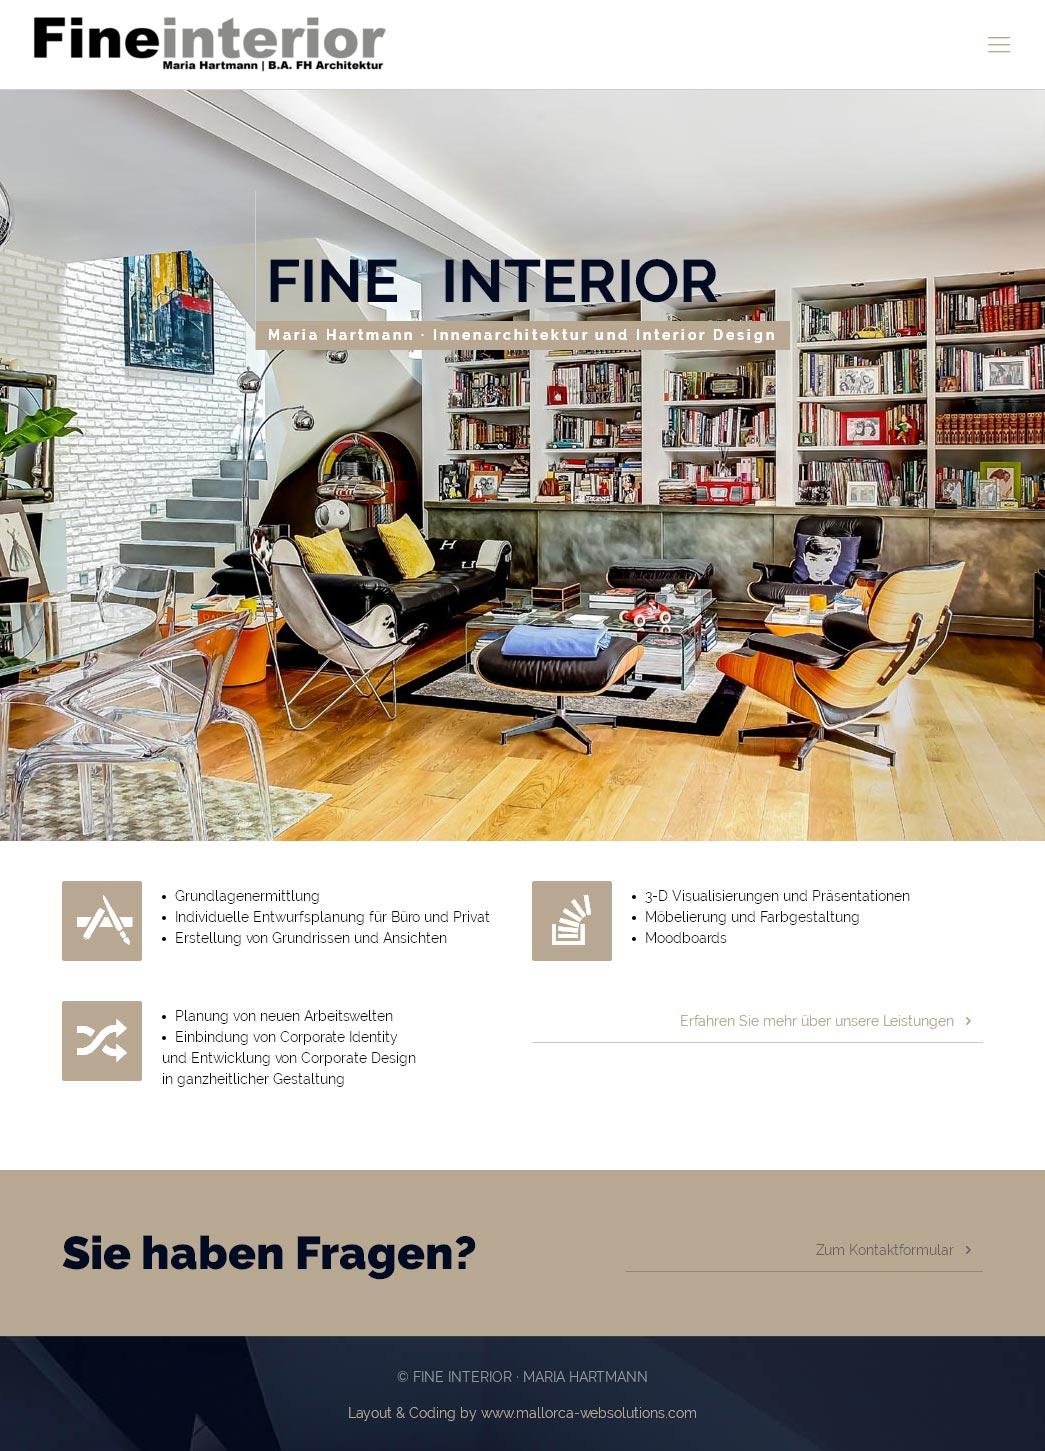 Fine Interior | Maria Hartmann<br />Entwicklung der CI, Grafik & Layout für Online<br />www.fineinterior.de